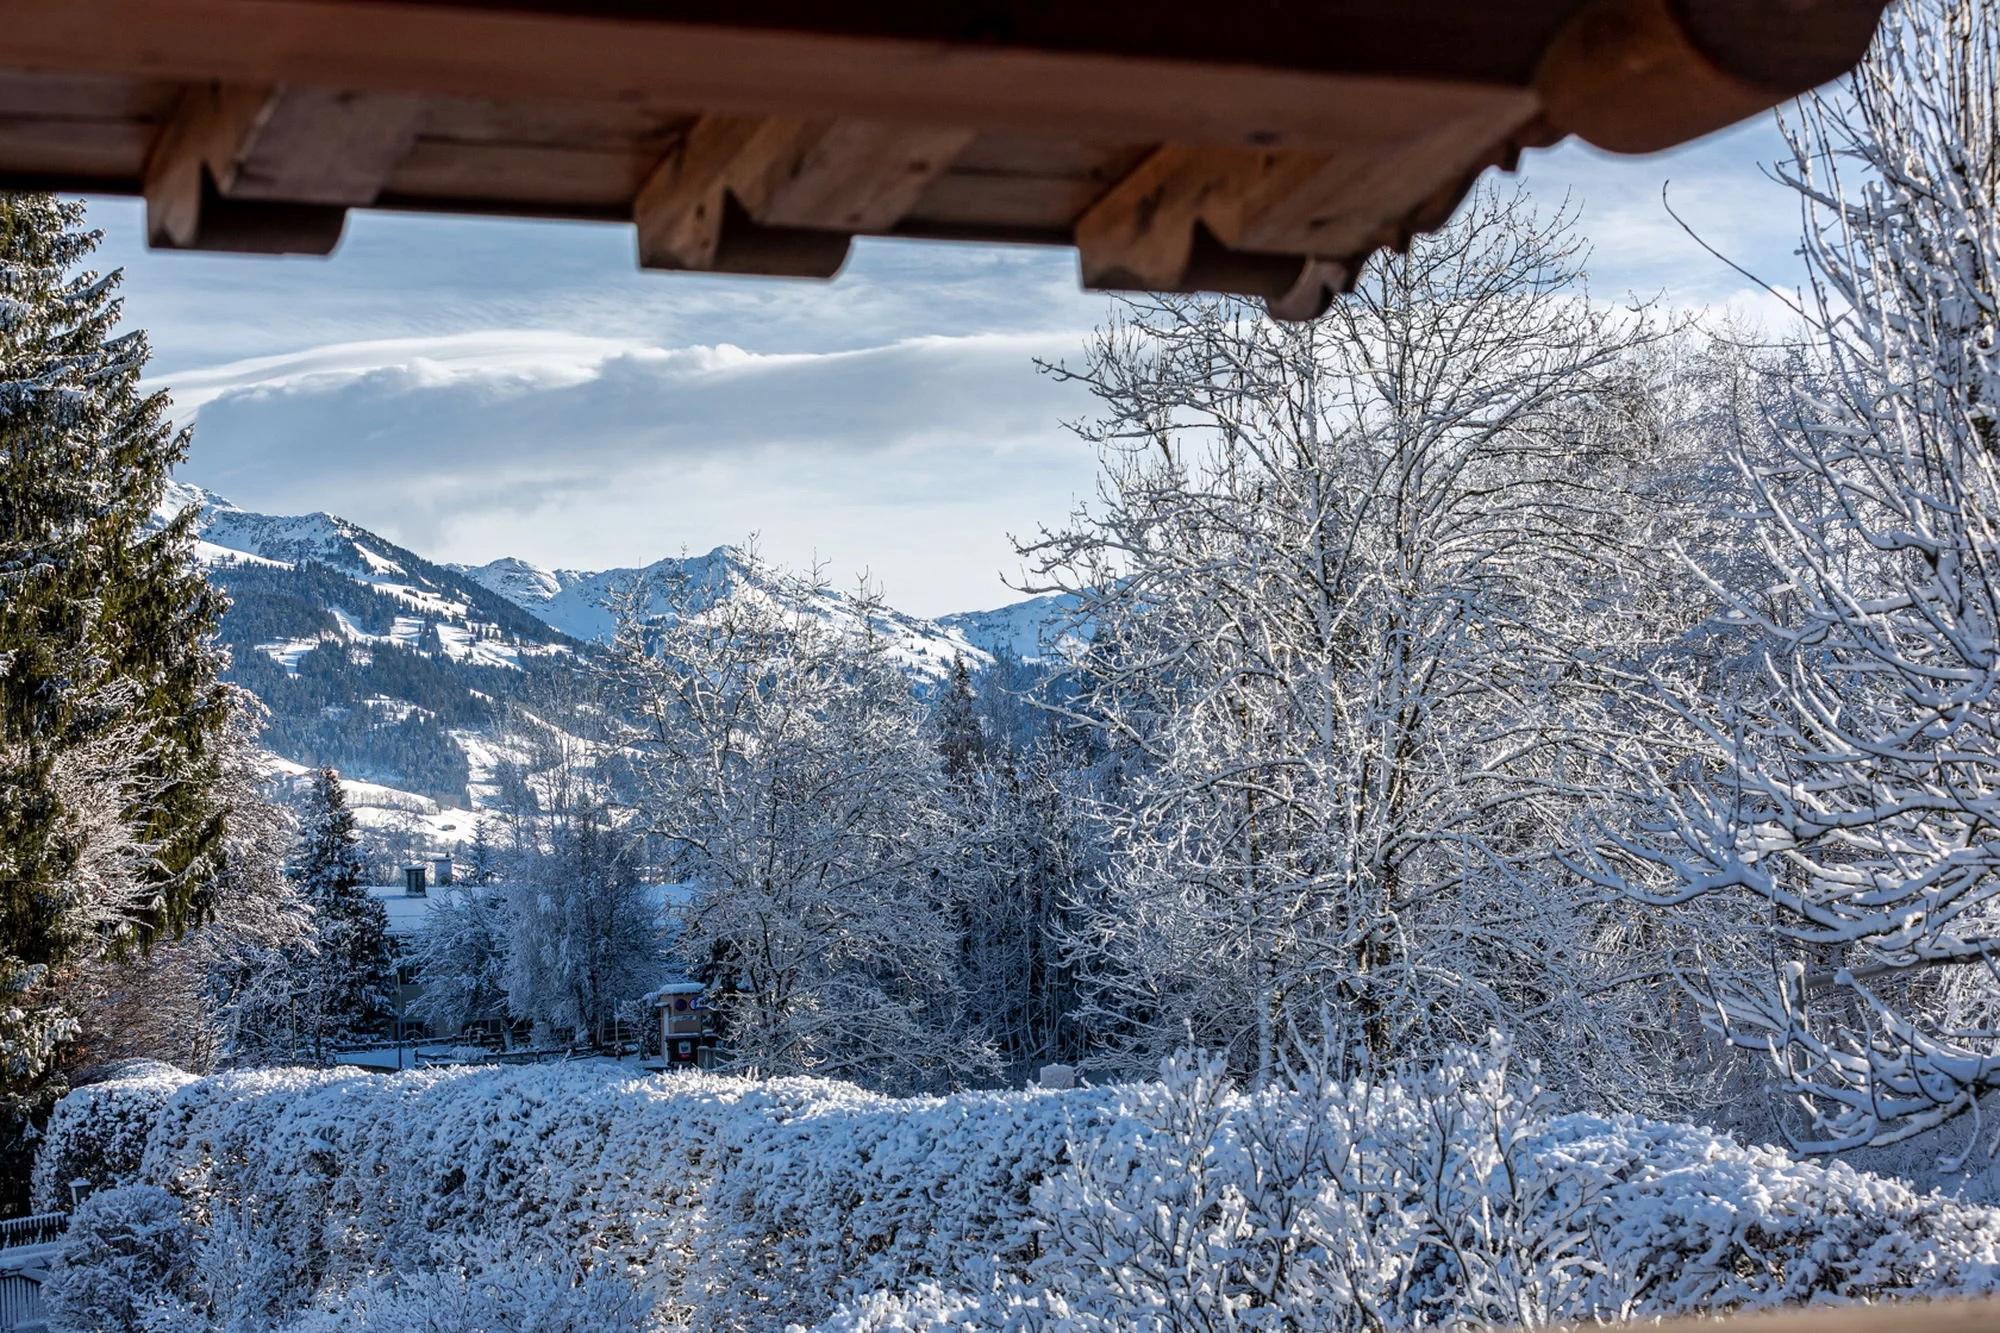 Immobilien - Stilvolle Dachgeschosswohnung in Kitzbühel für Skiliebhaber , Kitzbuehel